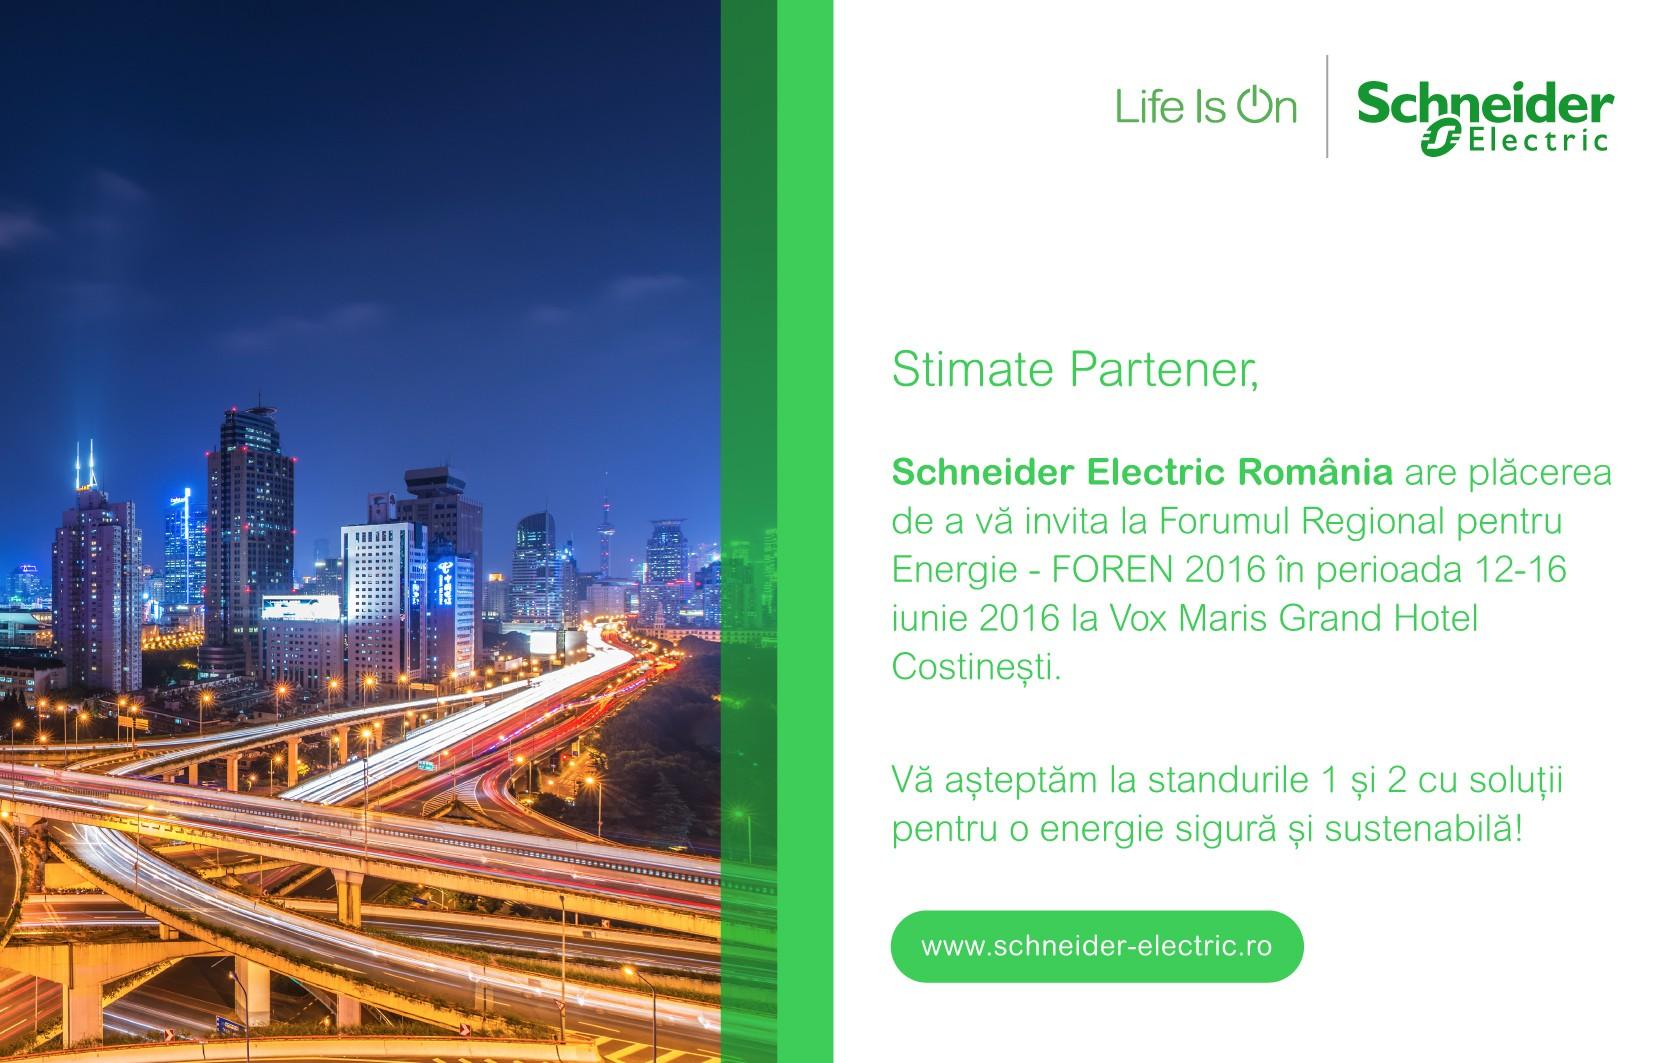 Schneider Electric prezinta solutii pentru o energie sigura si sustenabila la FOREN 2016